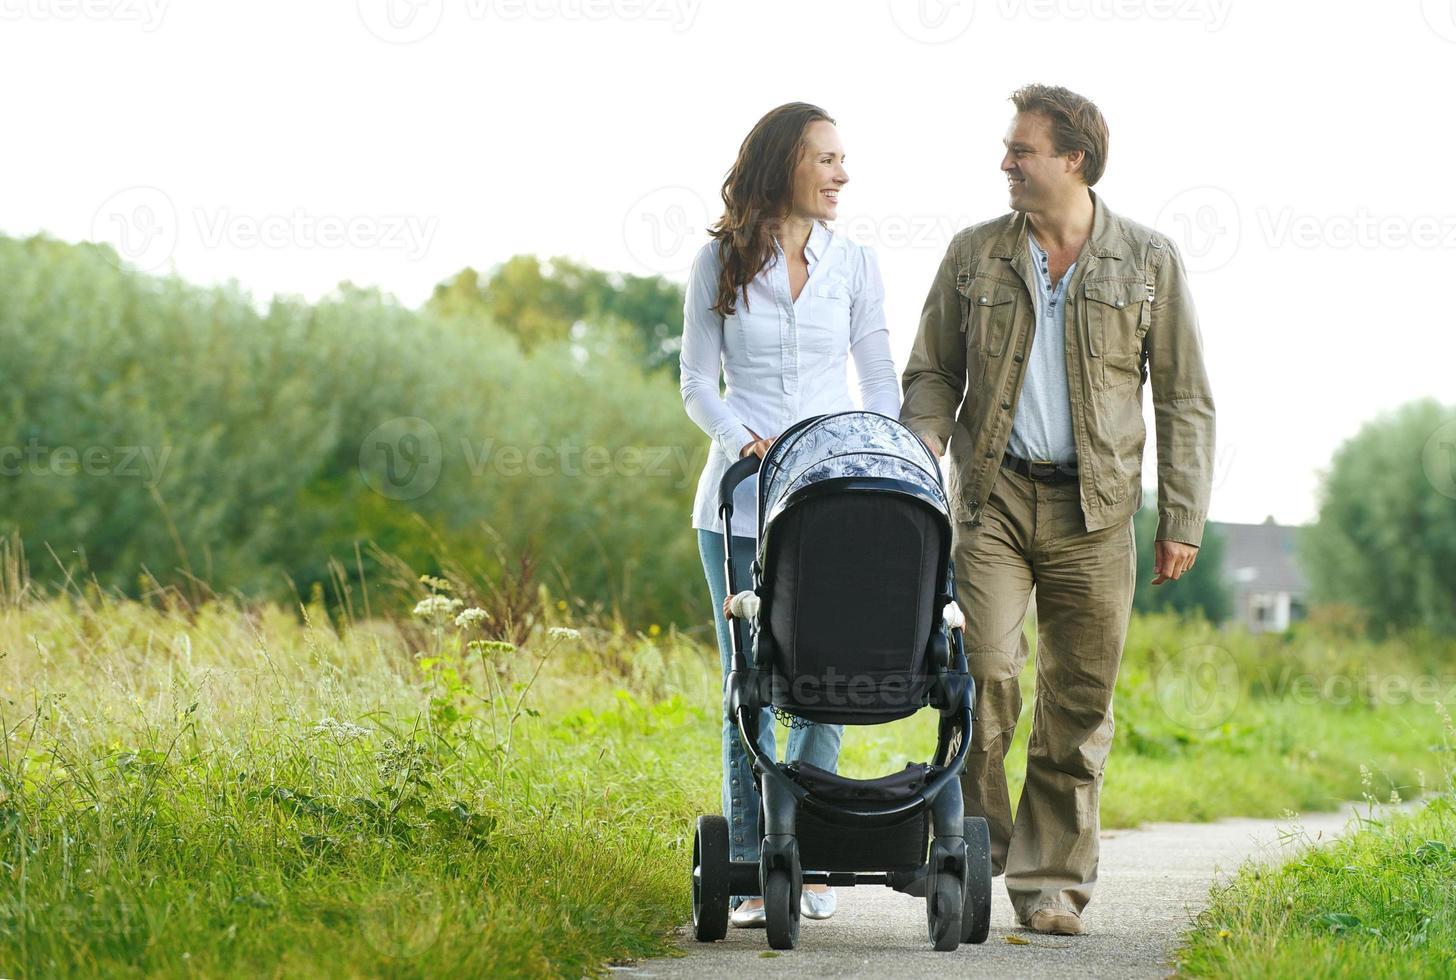 gelukkig man en vrouw lopen met baby kinderwagen buitenshuis foto